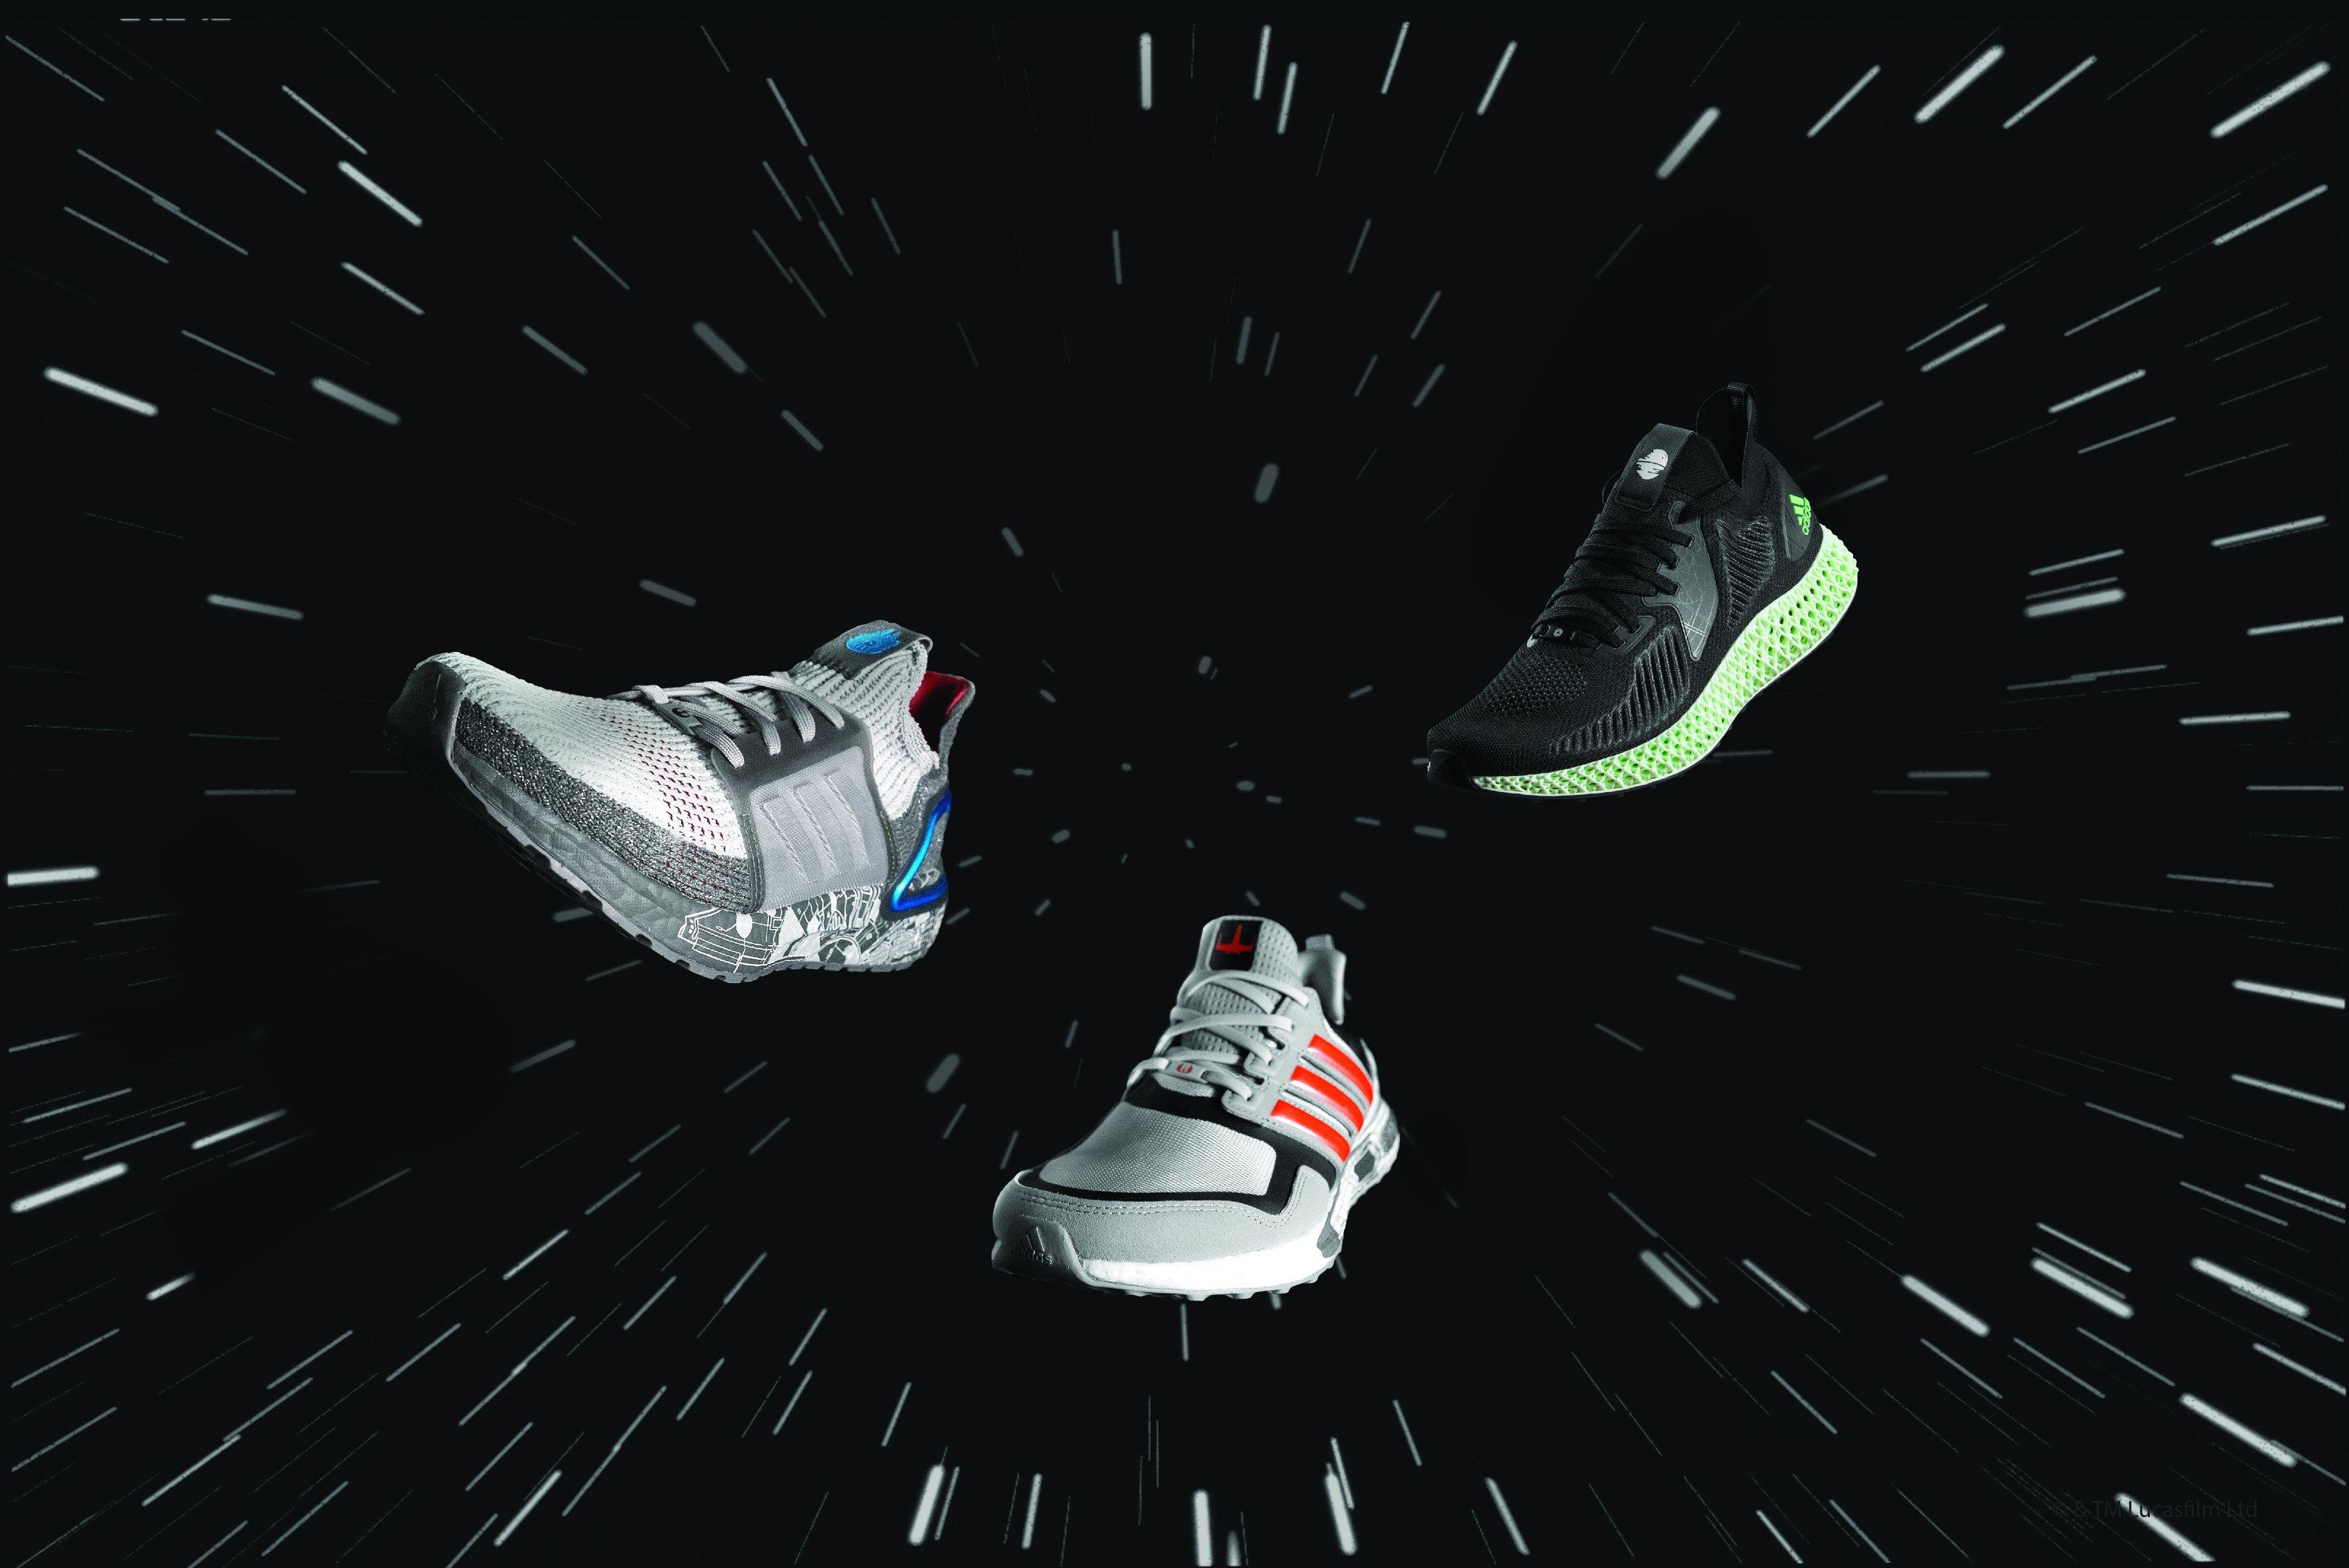 Lançamentos da Adidas: tênis para novo filme da saga Star Wars